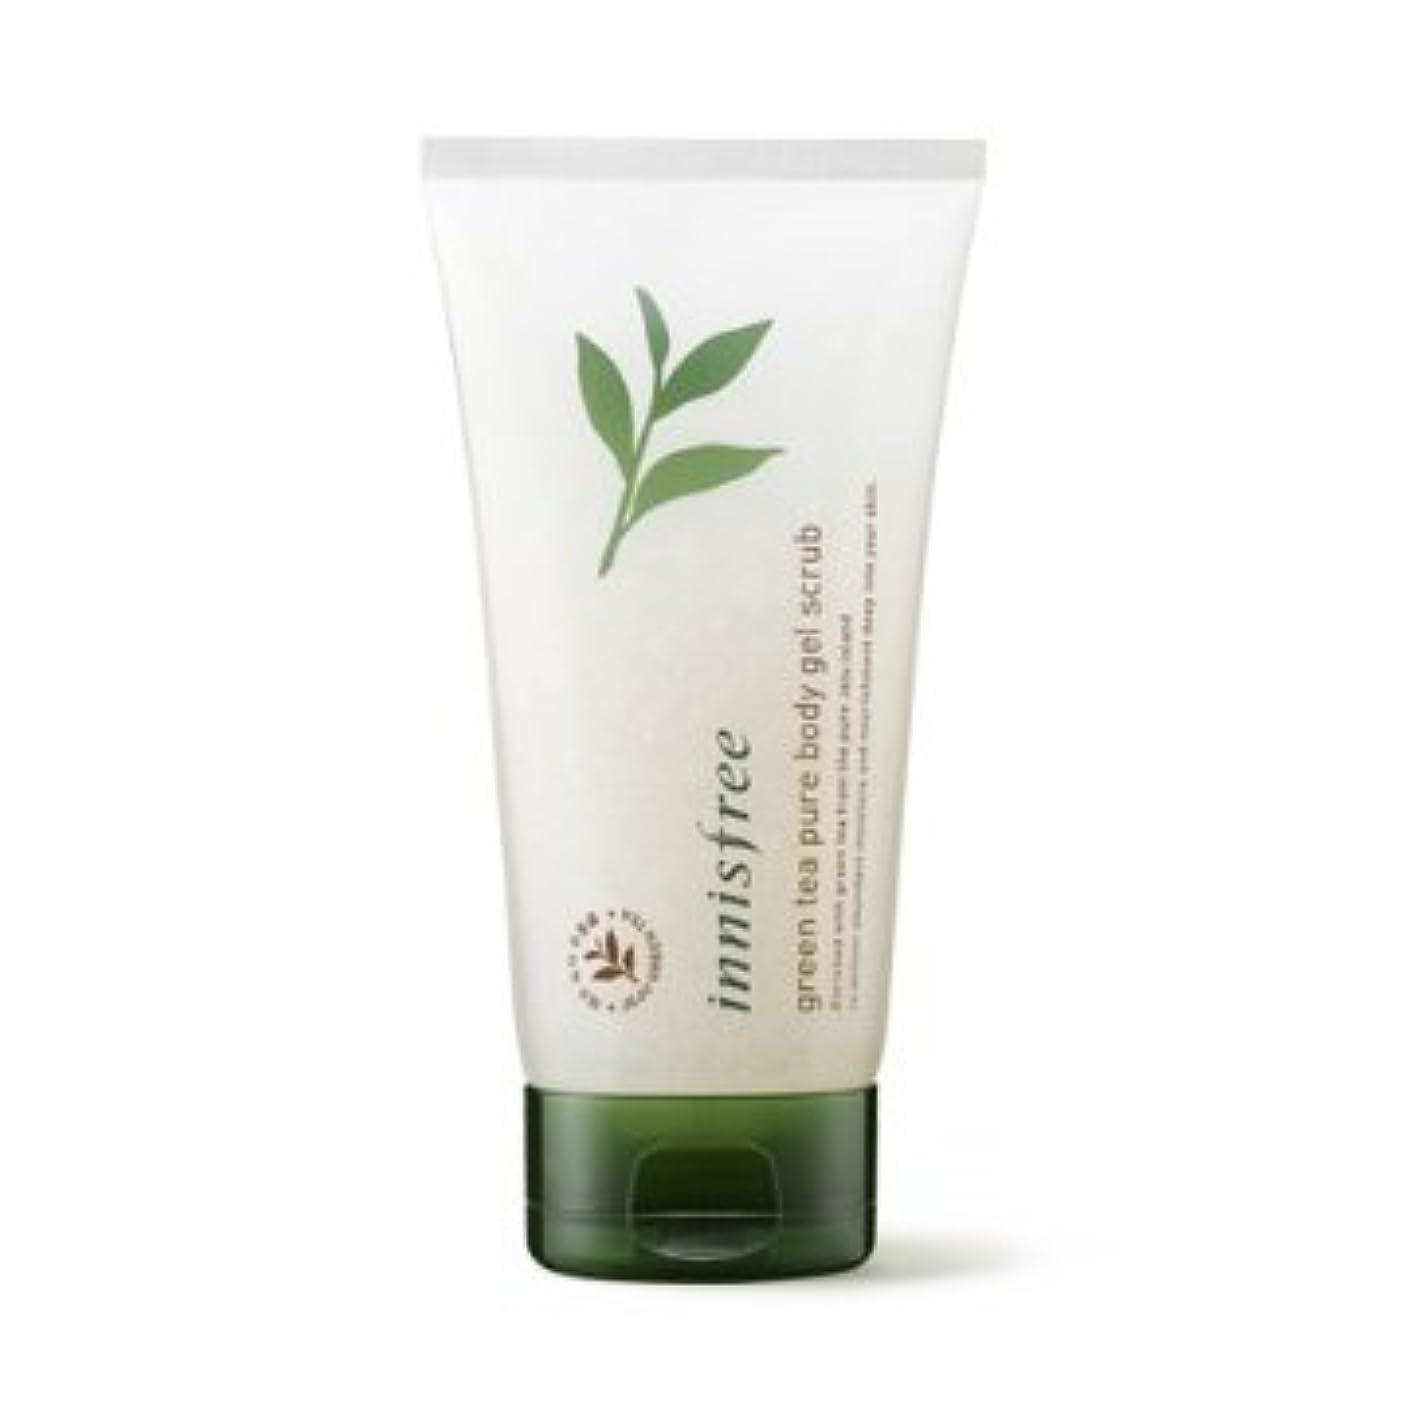 枝不規則性ブラスト【イニスフリー】Innisfree green tea pure body gel scrub - 150ml (韓国直送品) (SHOPPINGINSTAGRAM)